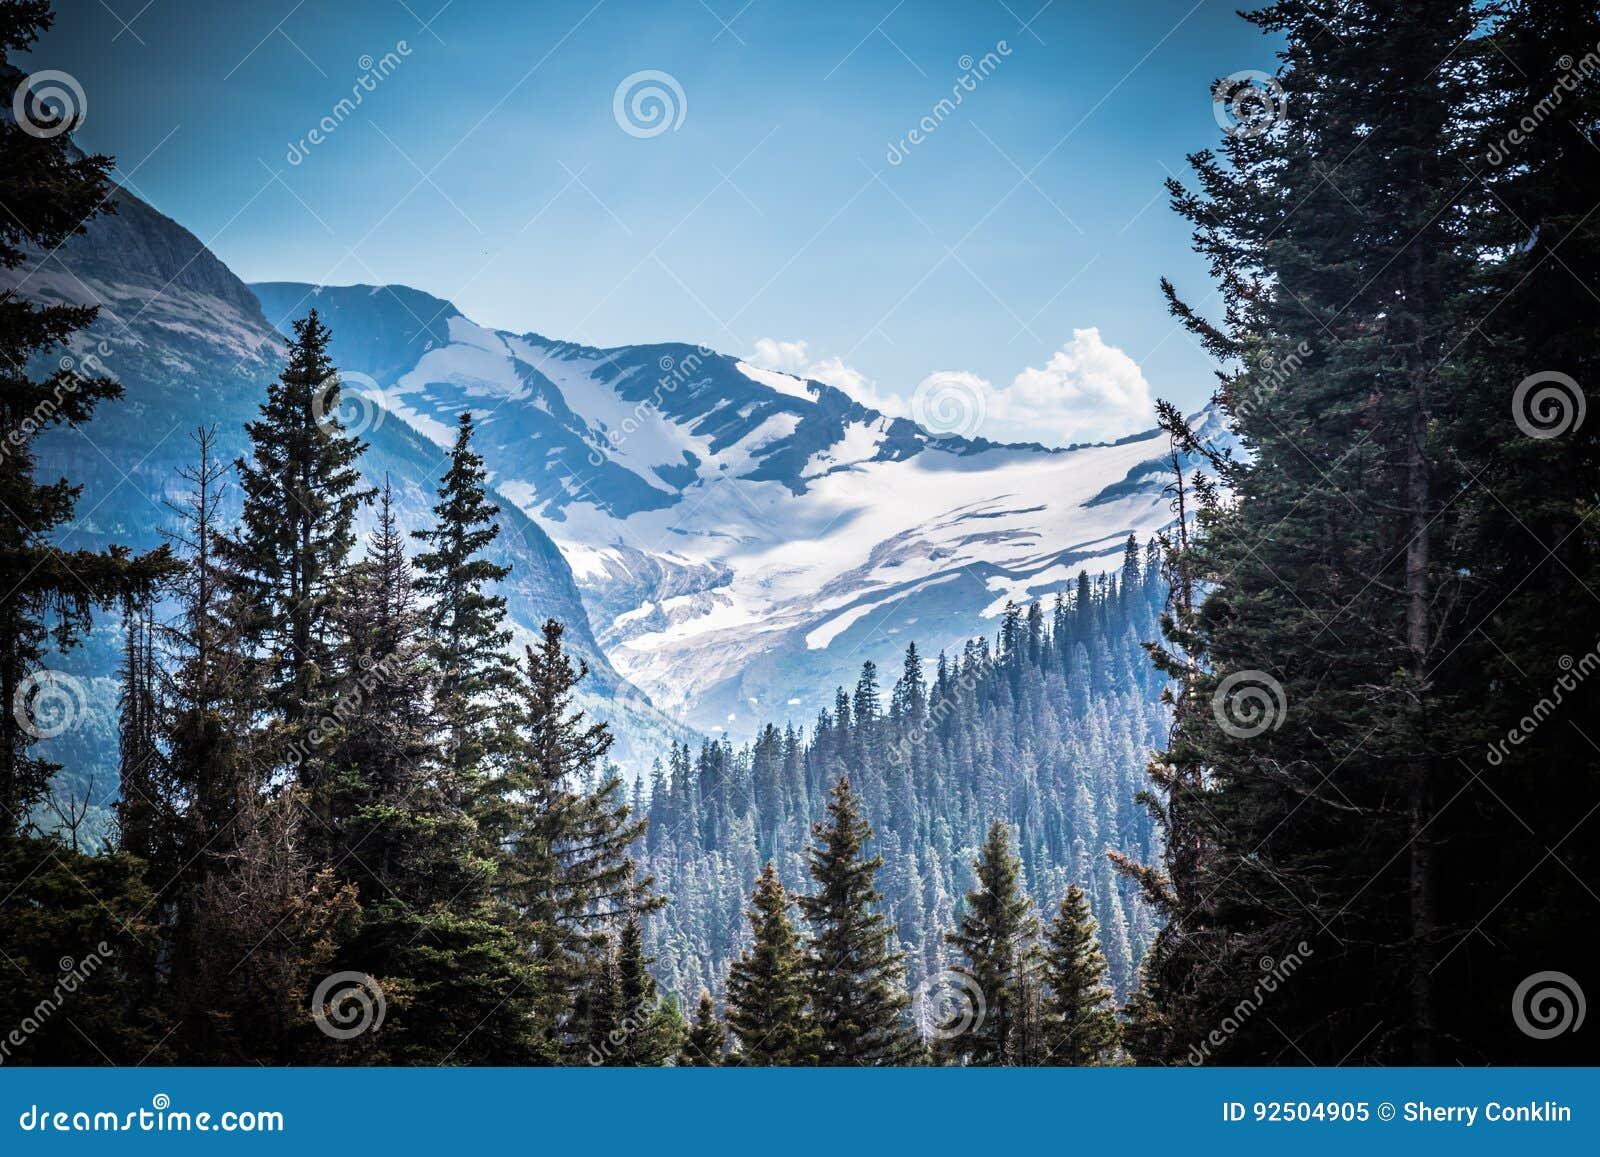 Montana Glacier National Park Jackson Glacier till och med träden